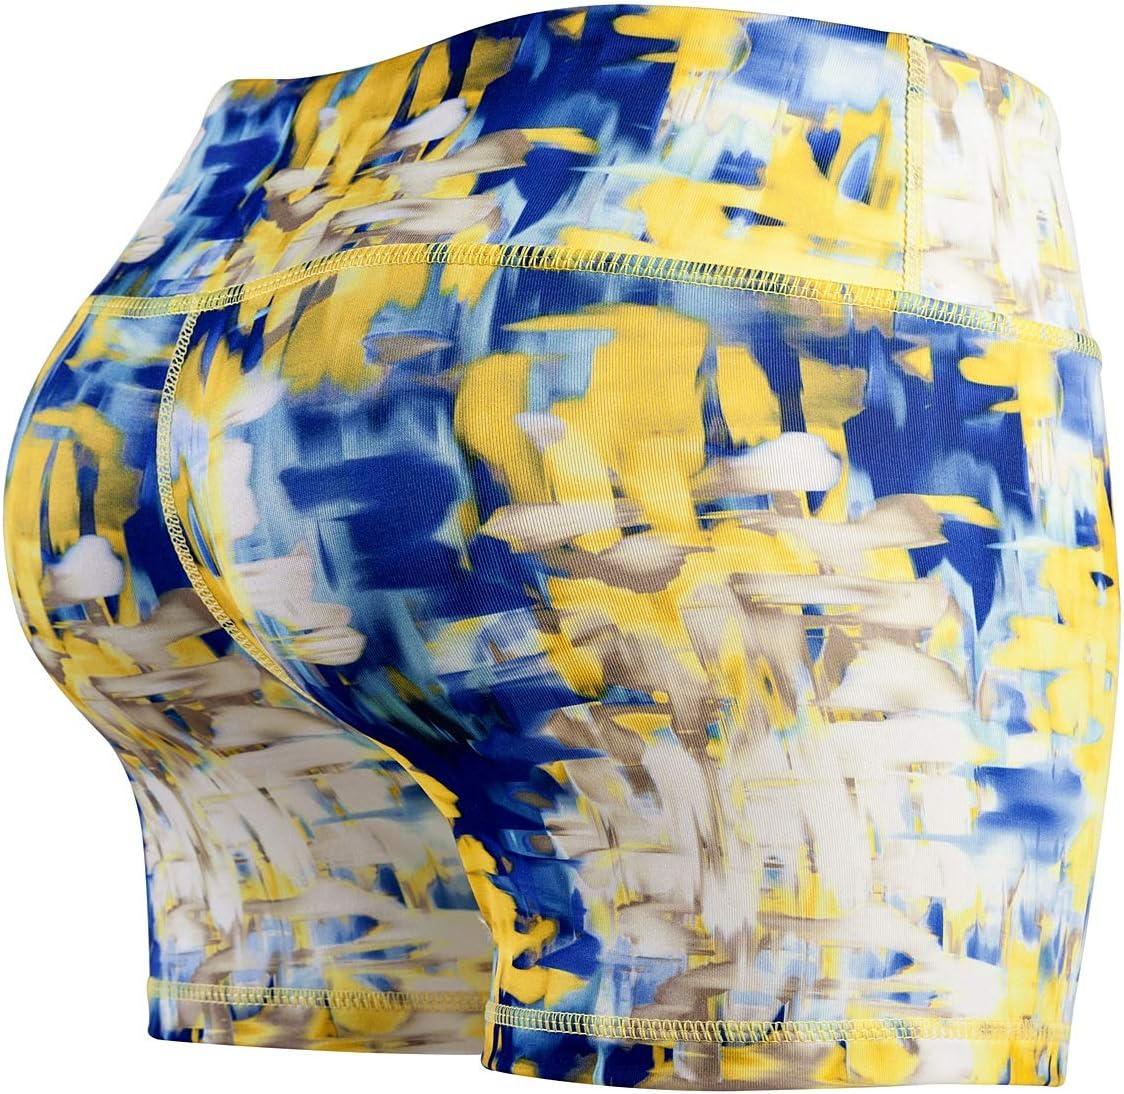 WOD Shorts for Women